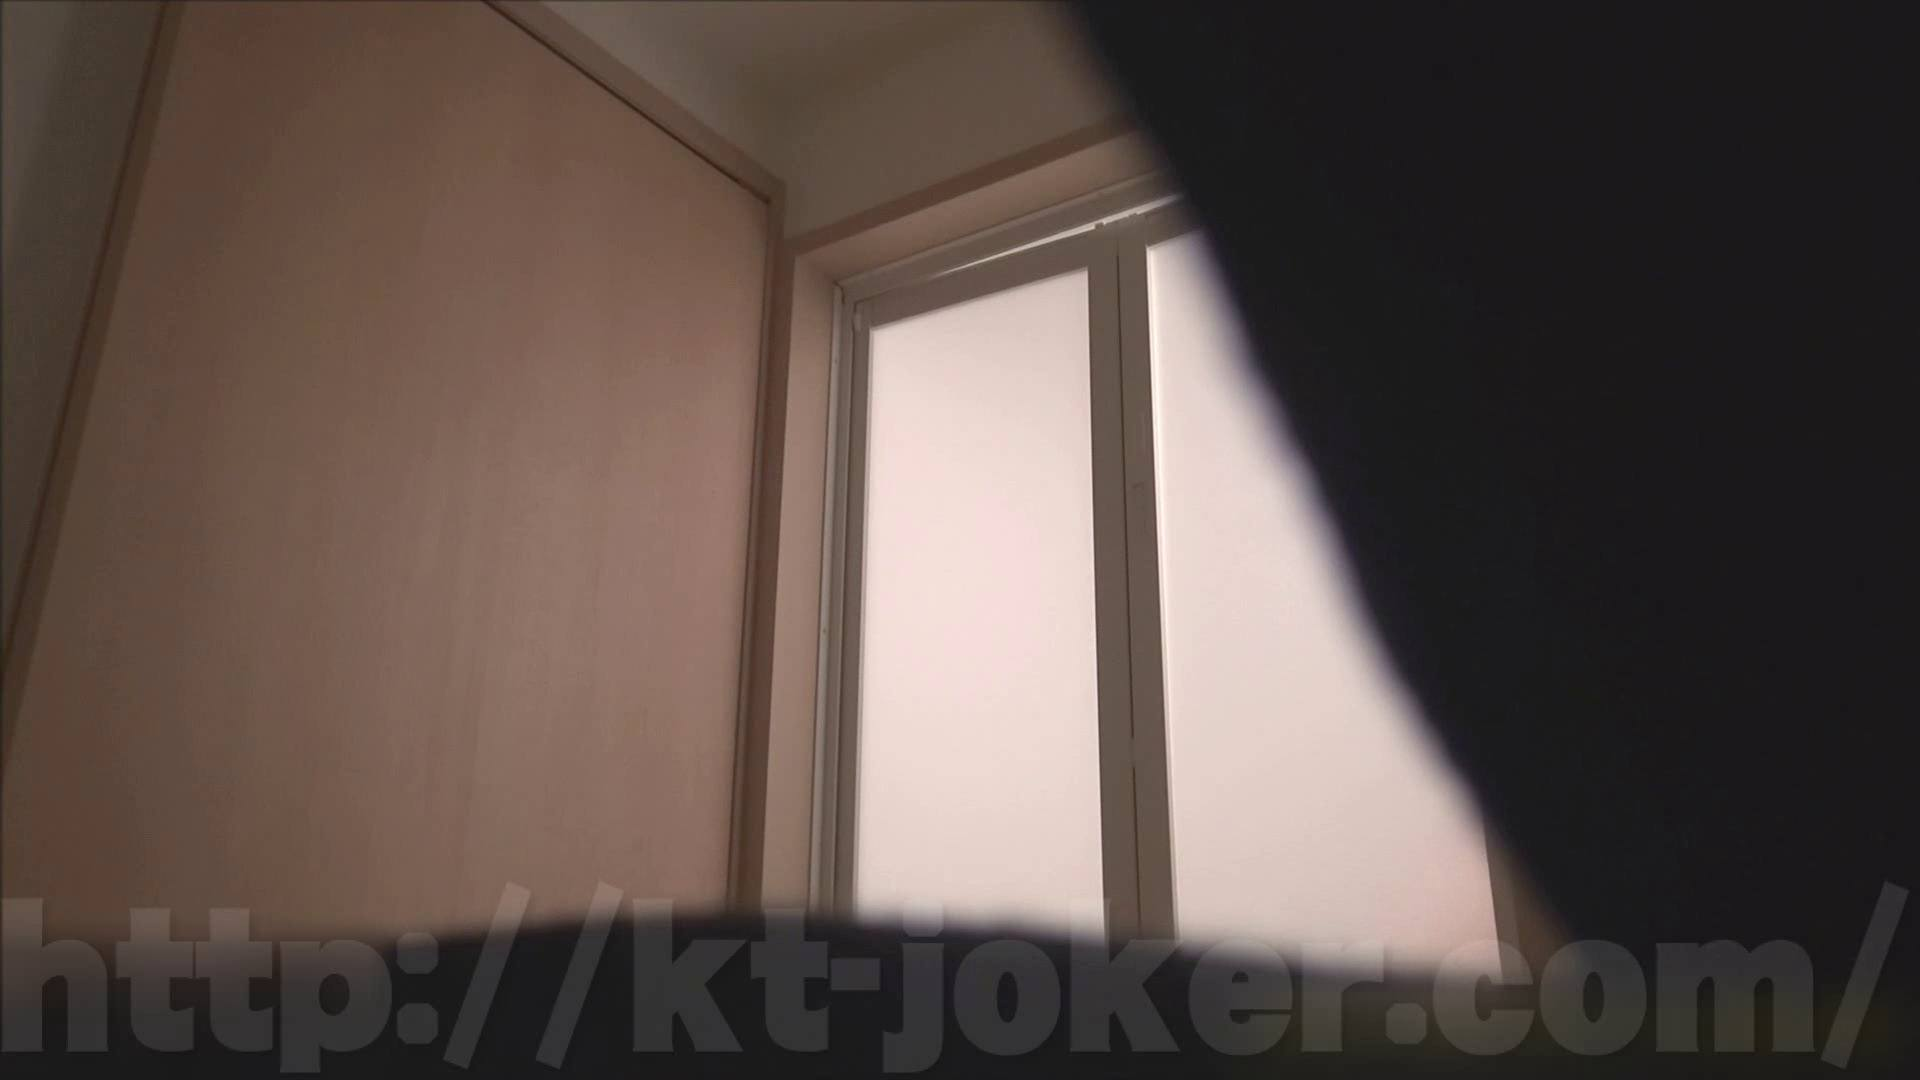 イ・タ・ズ・ラ劇場 Vol.46 キャバ嬢のエロ生活 われめAV動画紹介 108連発 73